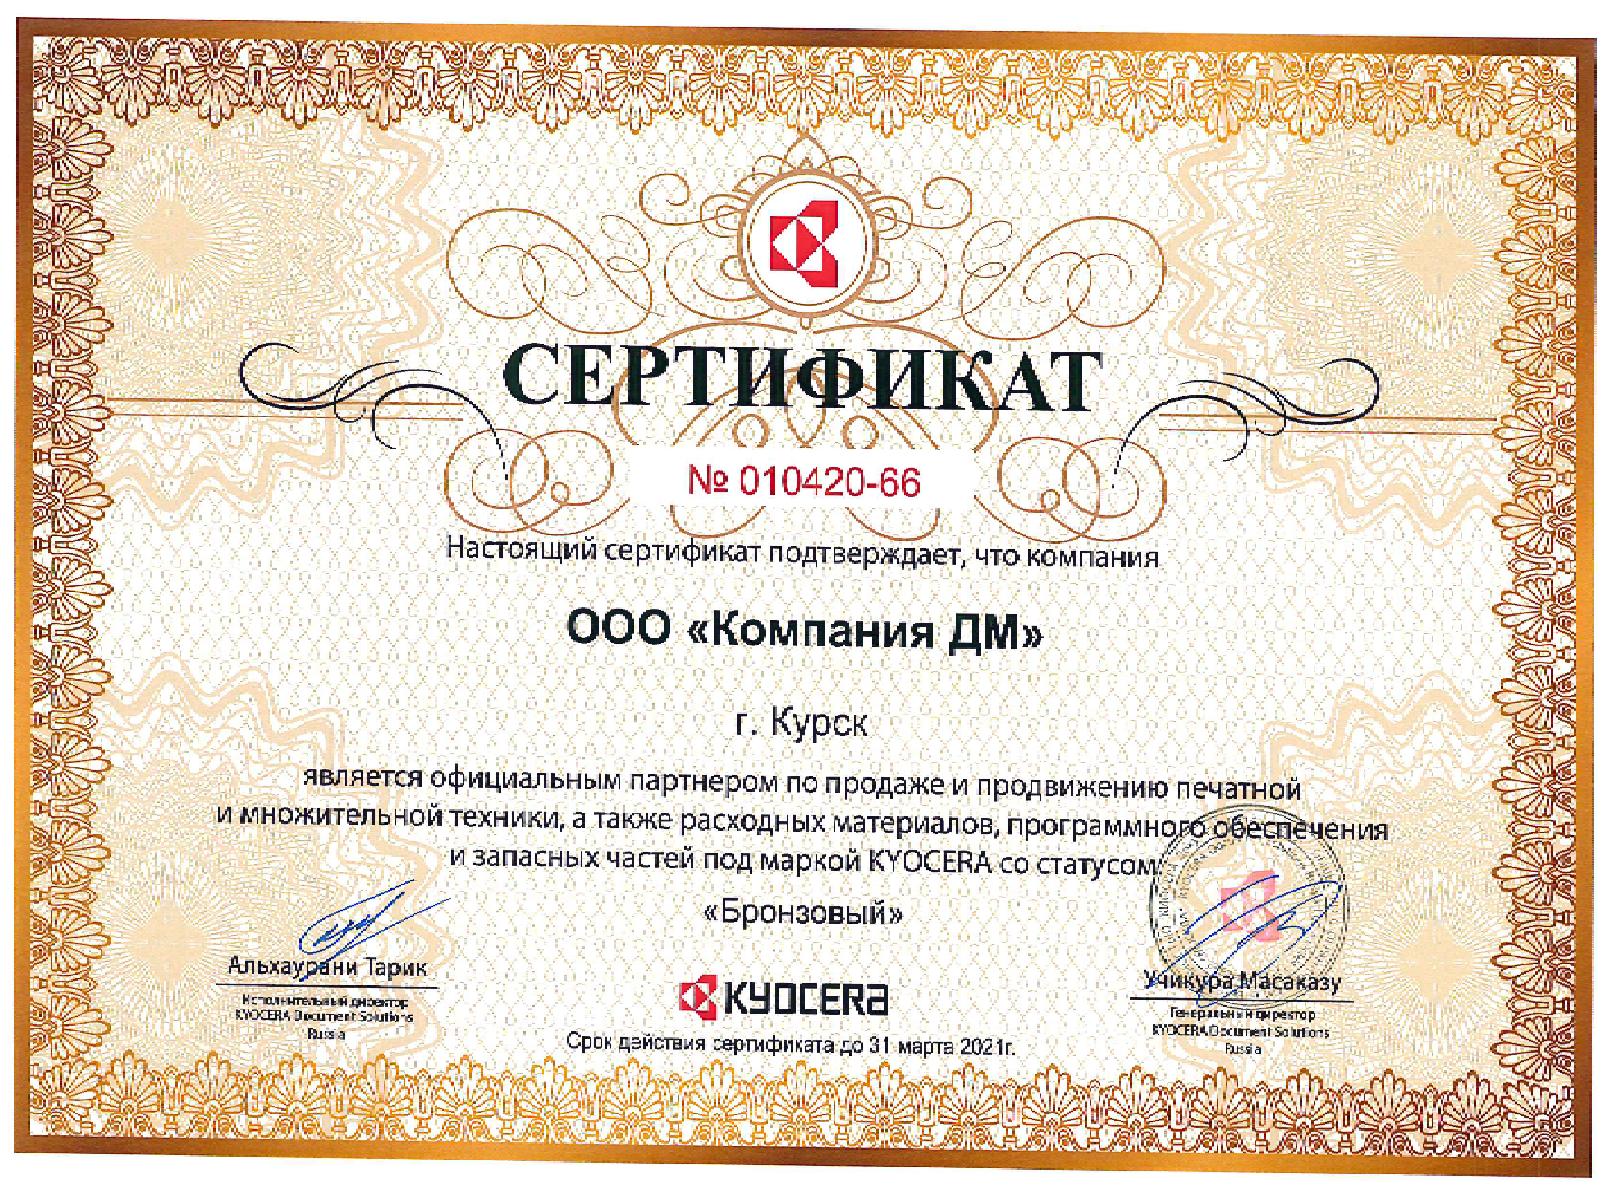 Партнерский сертификат Kyocera